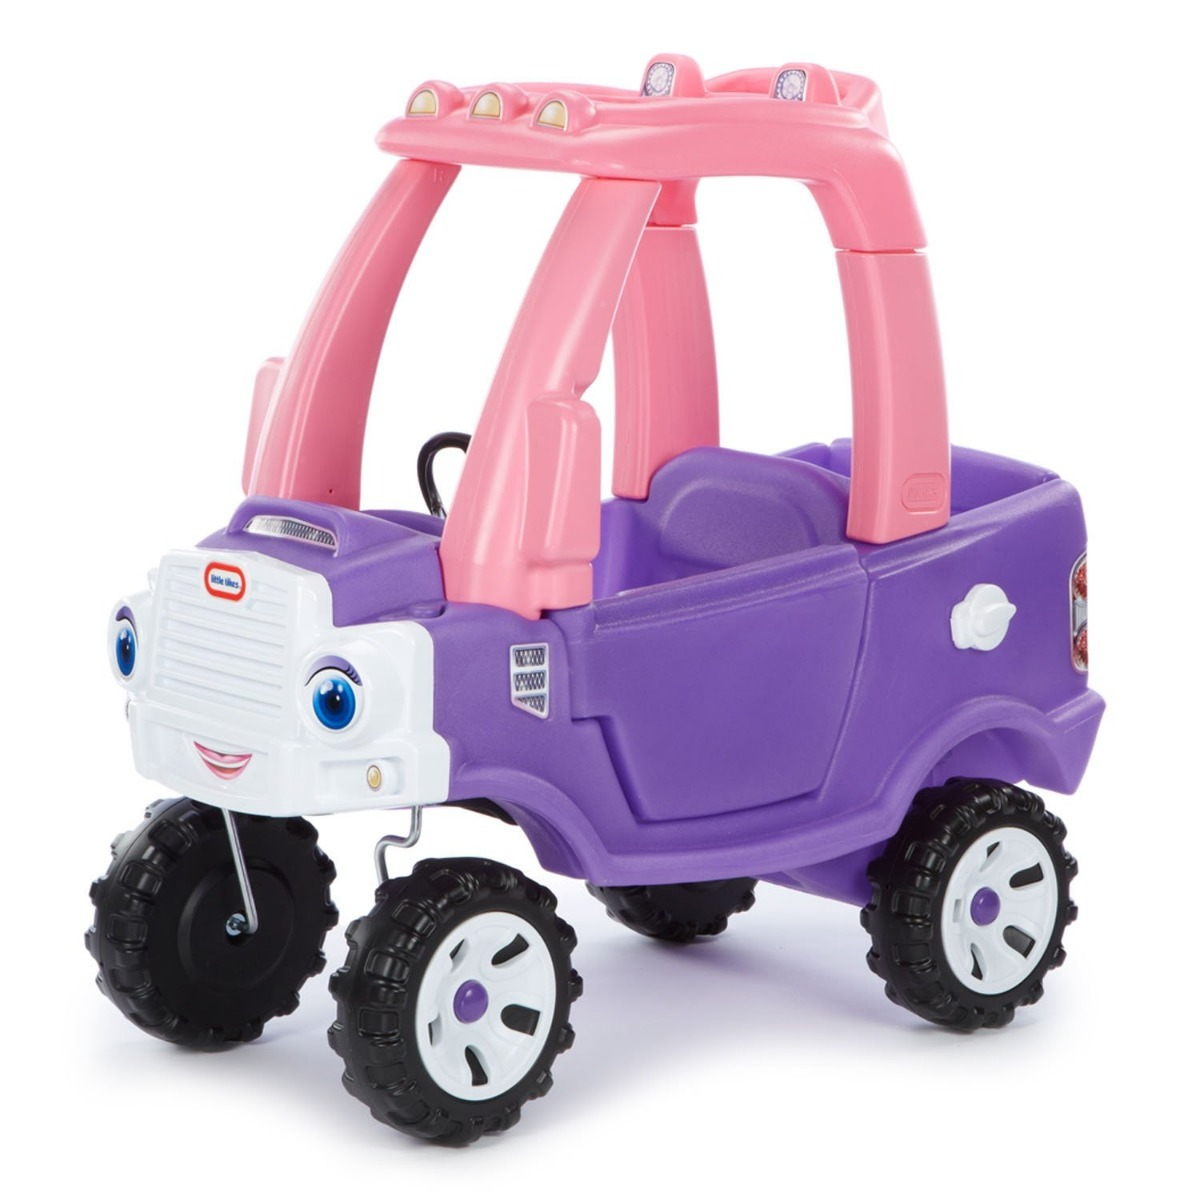 Princess Cozy Little Tikes Truck Carro Juguete Niña Paseador xBeWdorQC